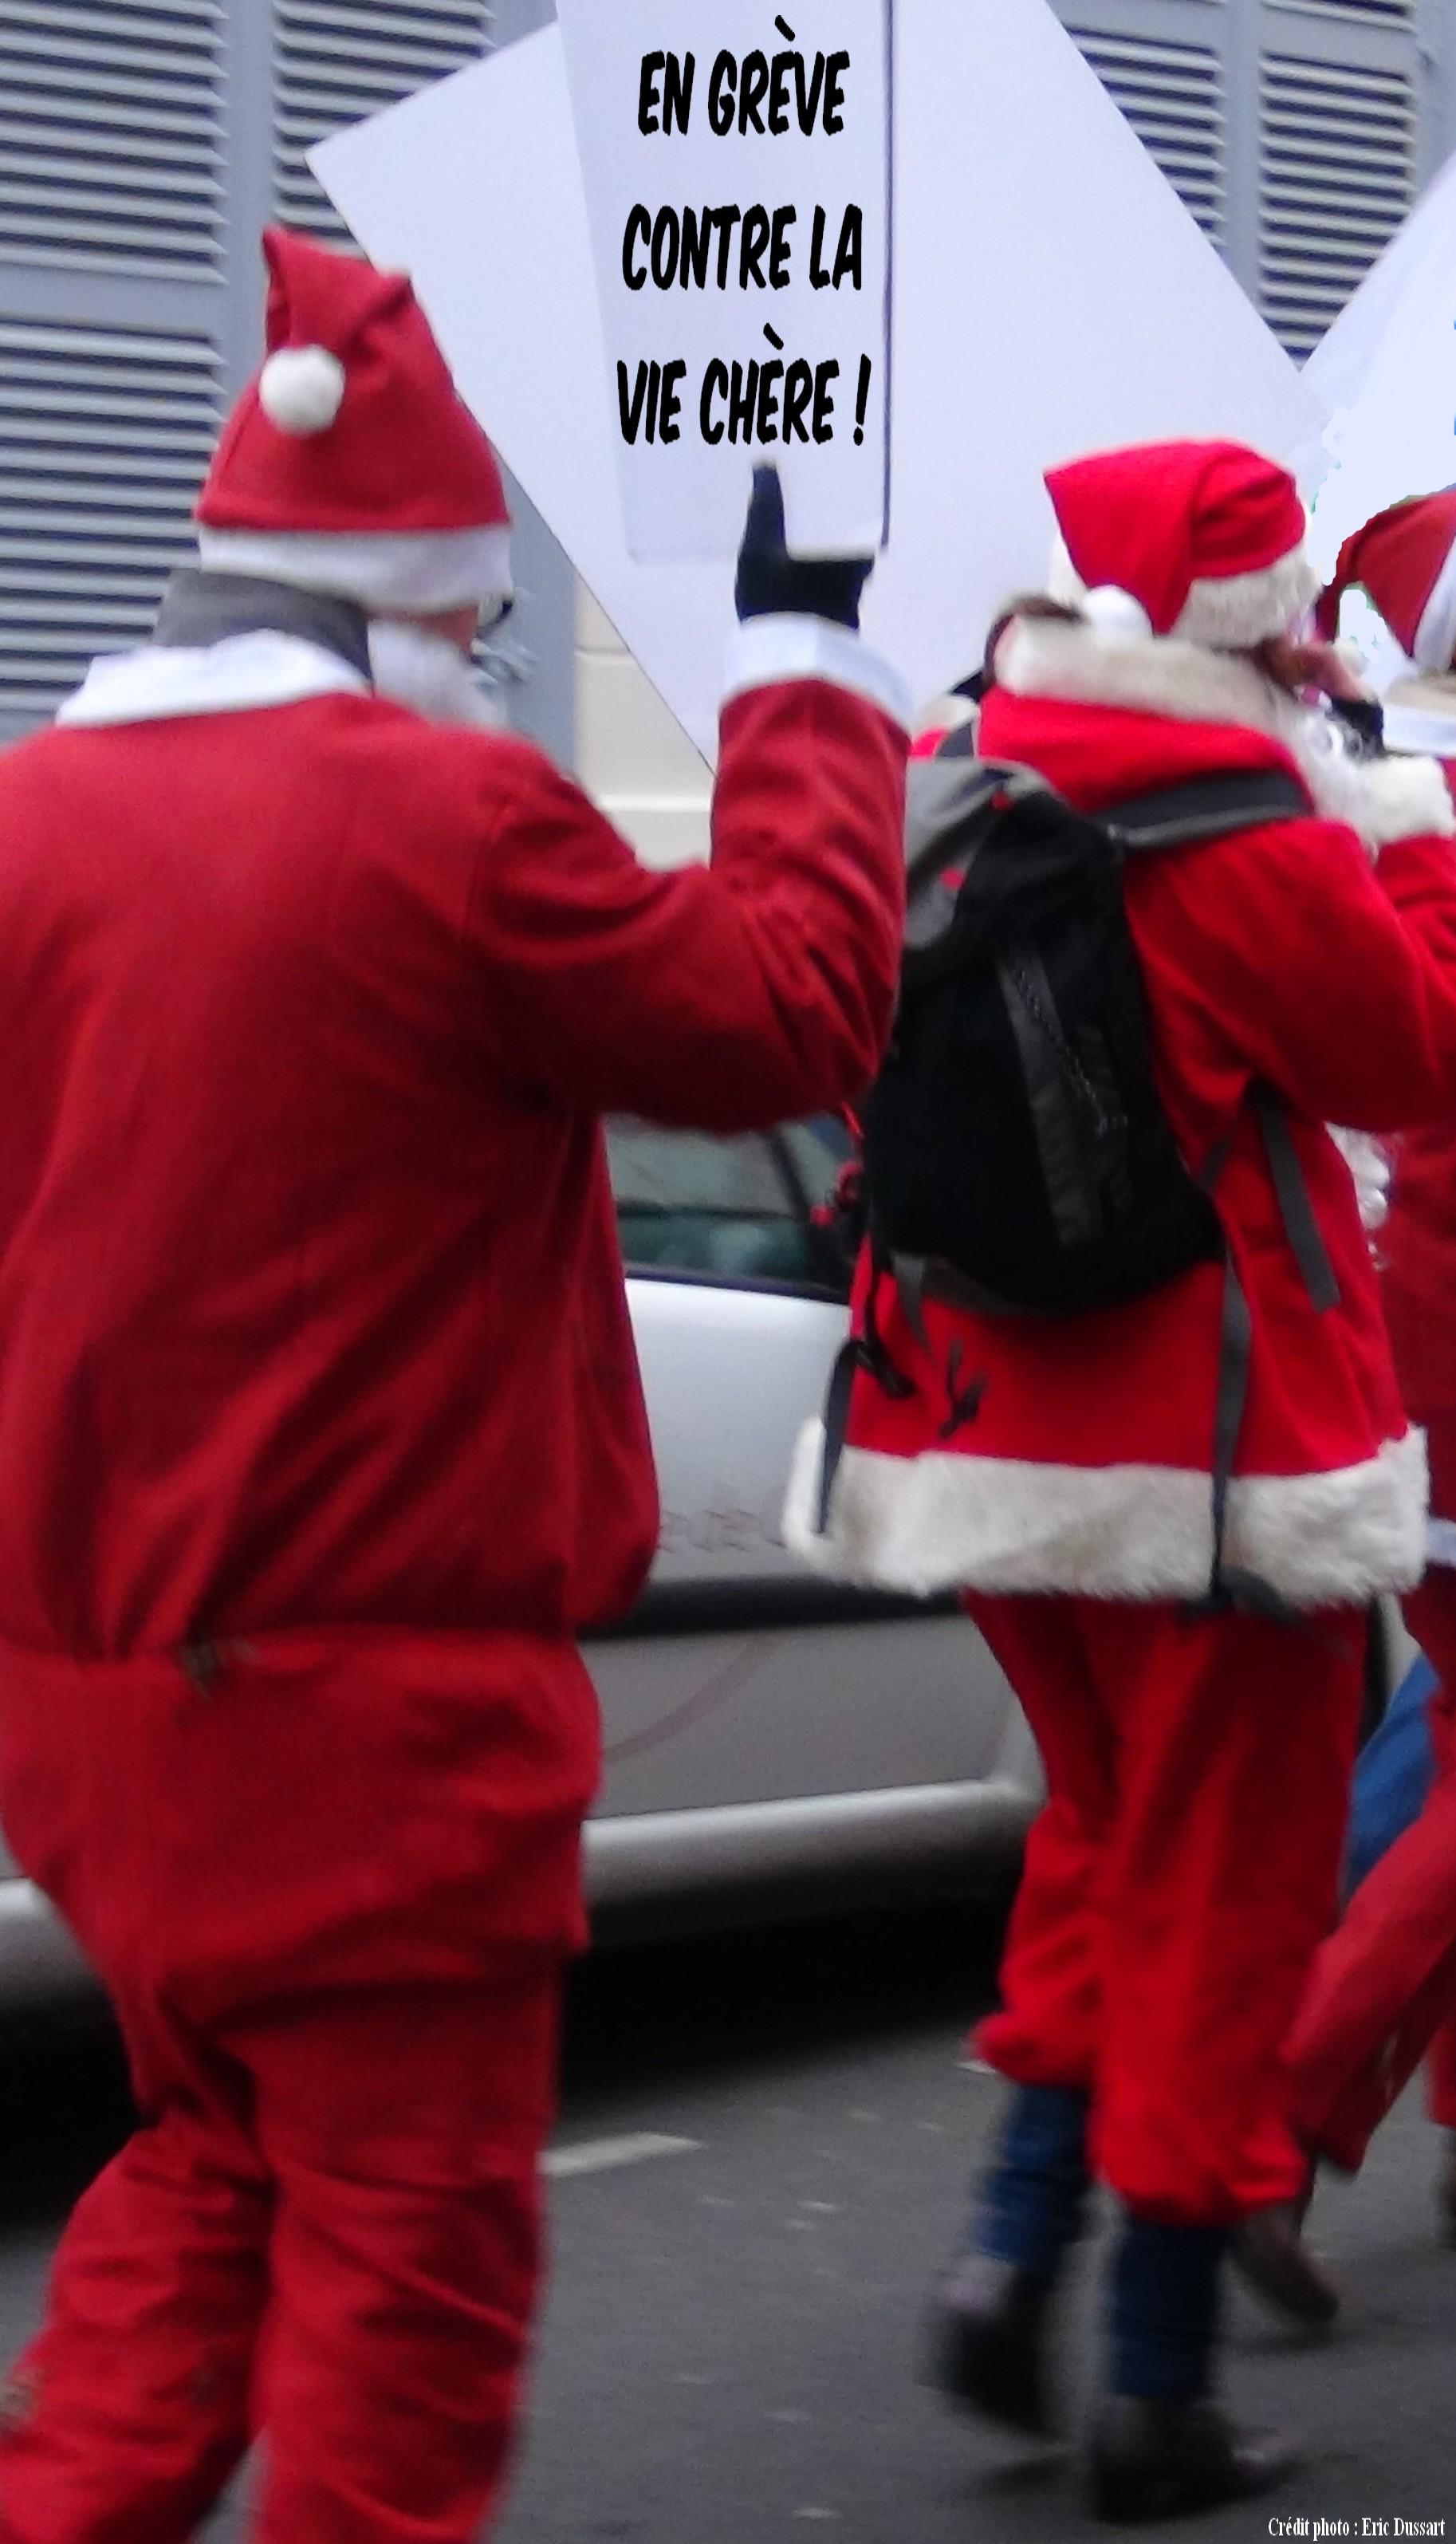 pères Noël en grève contre la vie chère